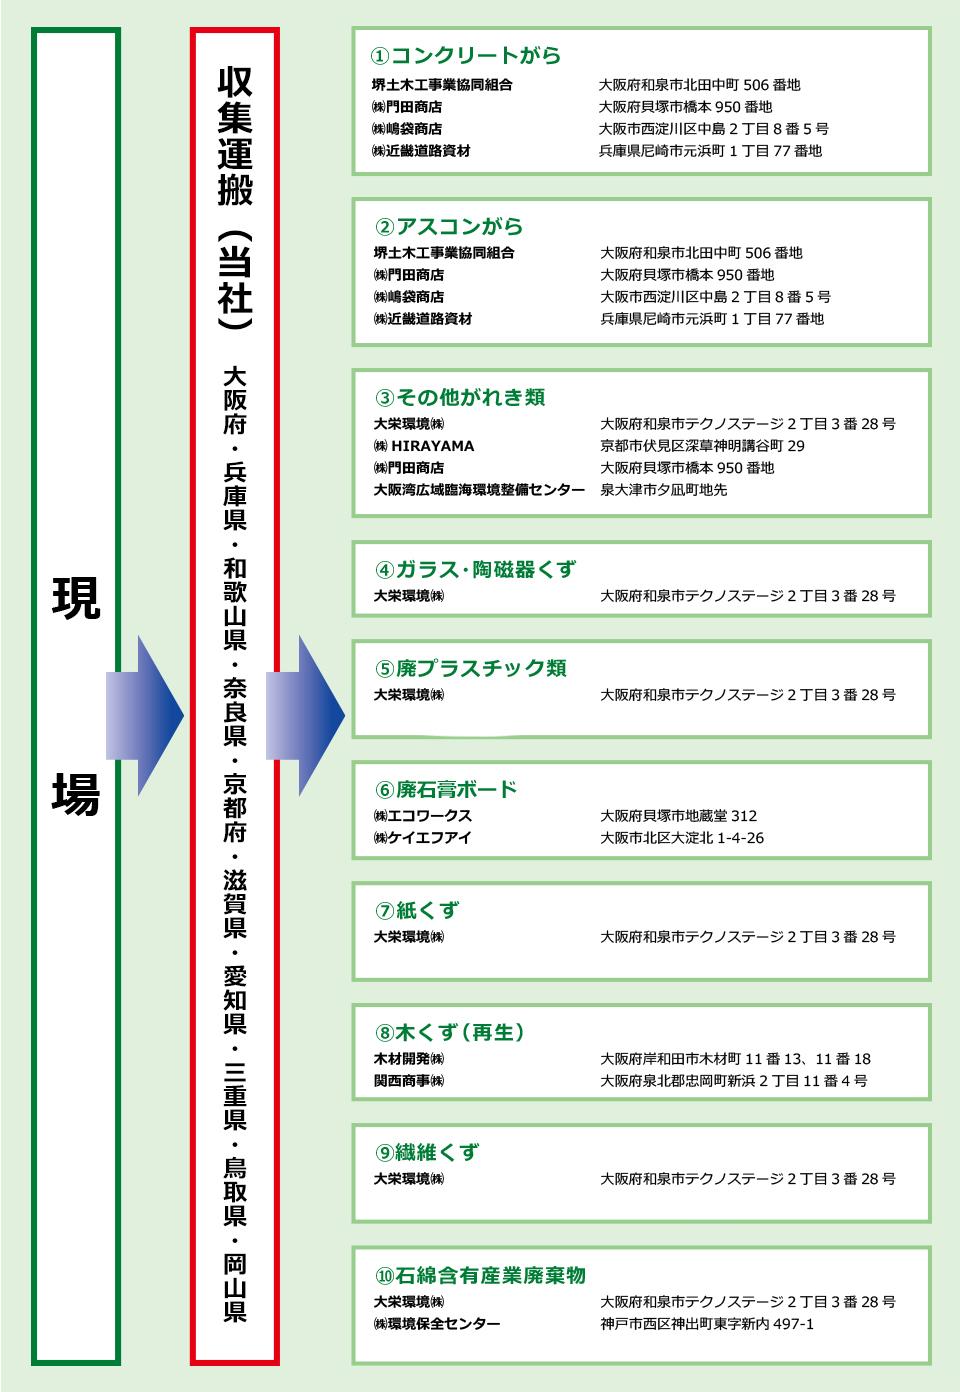 平成興業株式会社 産業廃棄物処理系統図